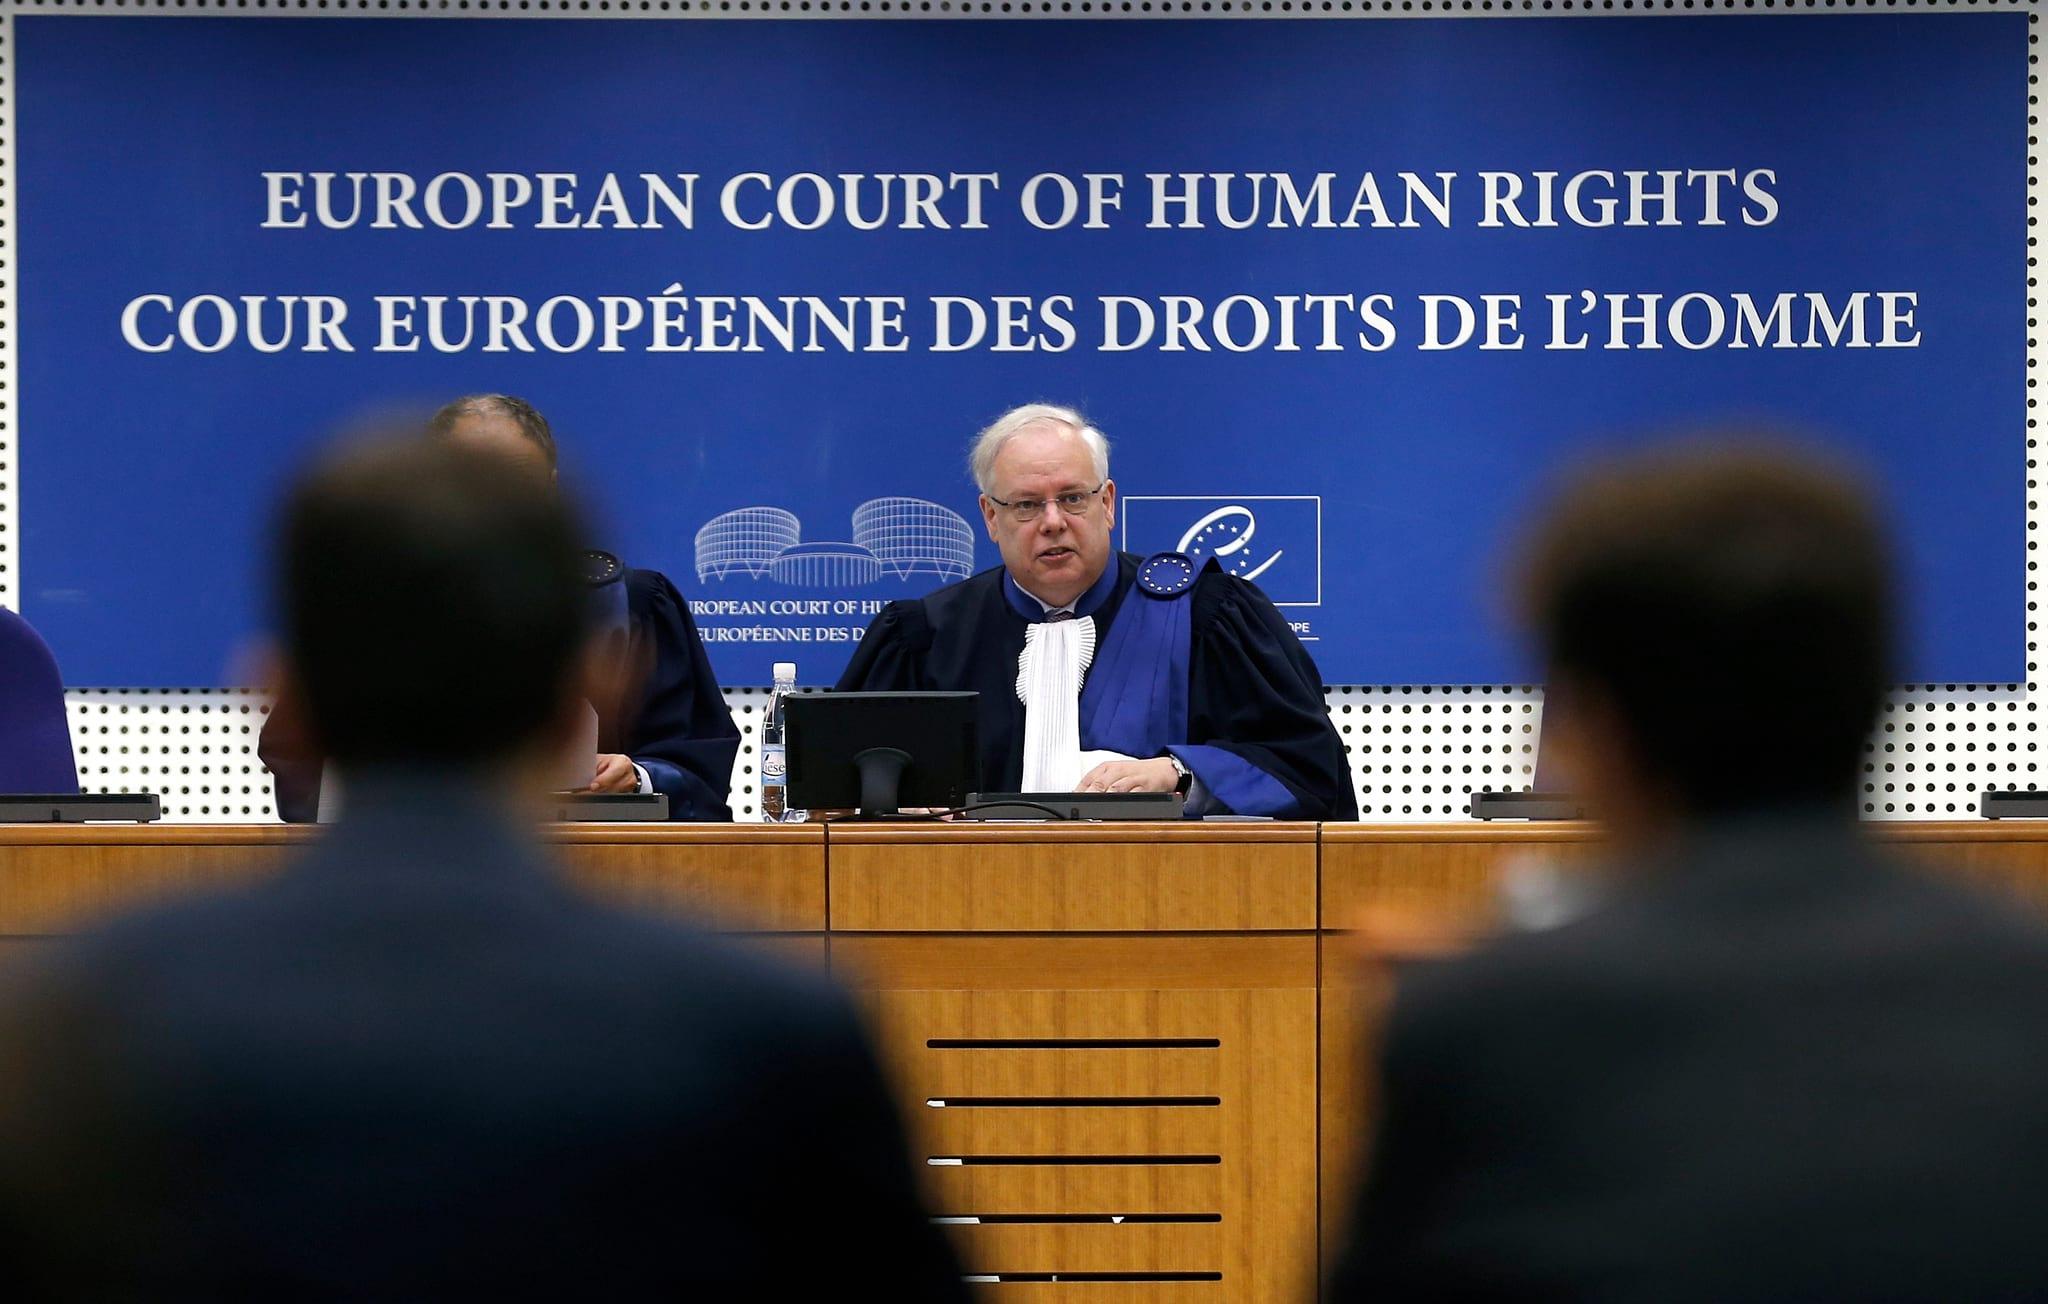 Liberdade de expressão: Portugal com condenações superiores à média da UE